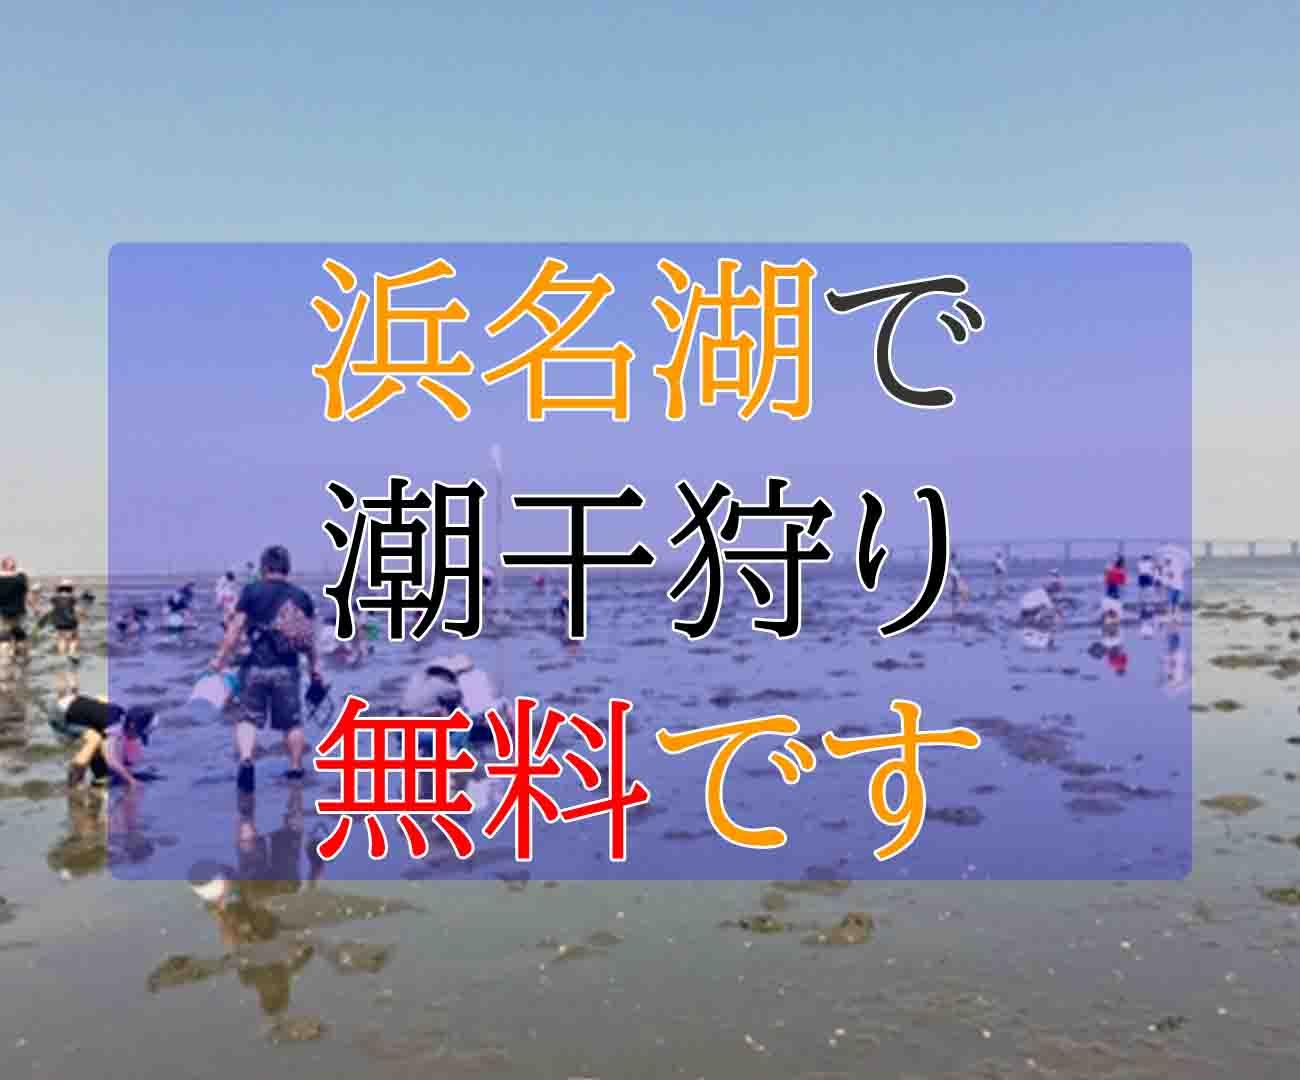 浜名湖の潮干狩りが無料で楽しめる場所!メジャーから穴場まで4選